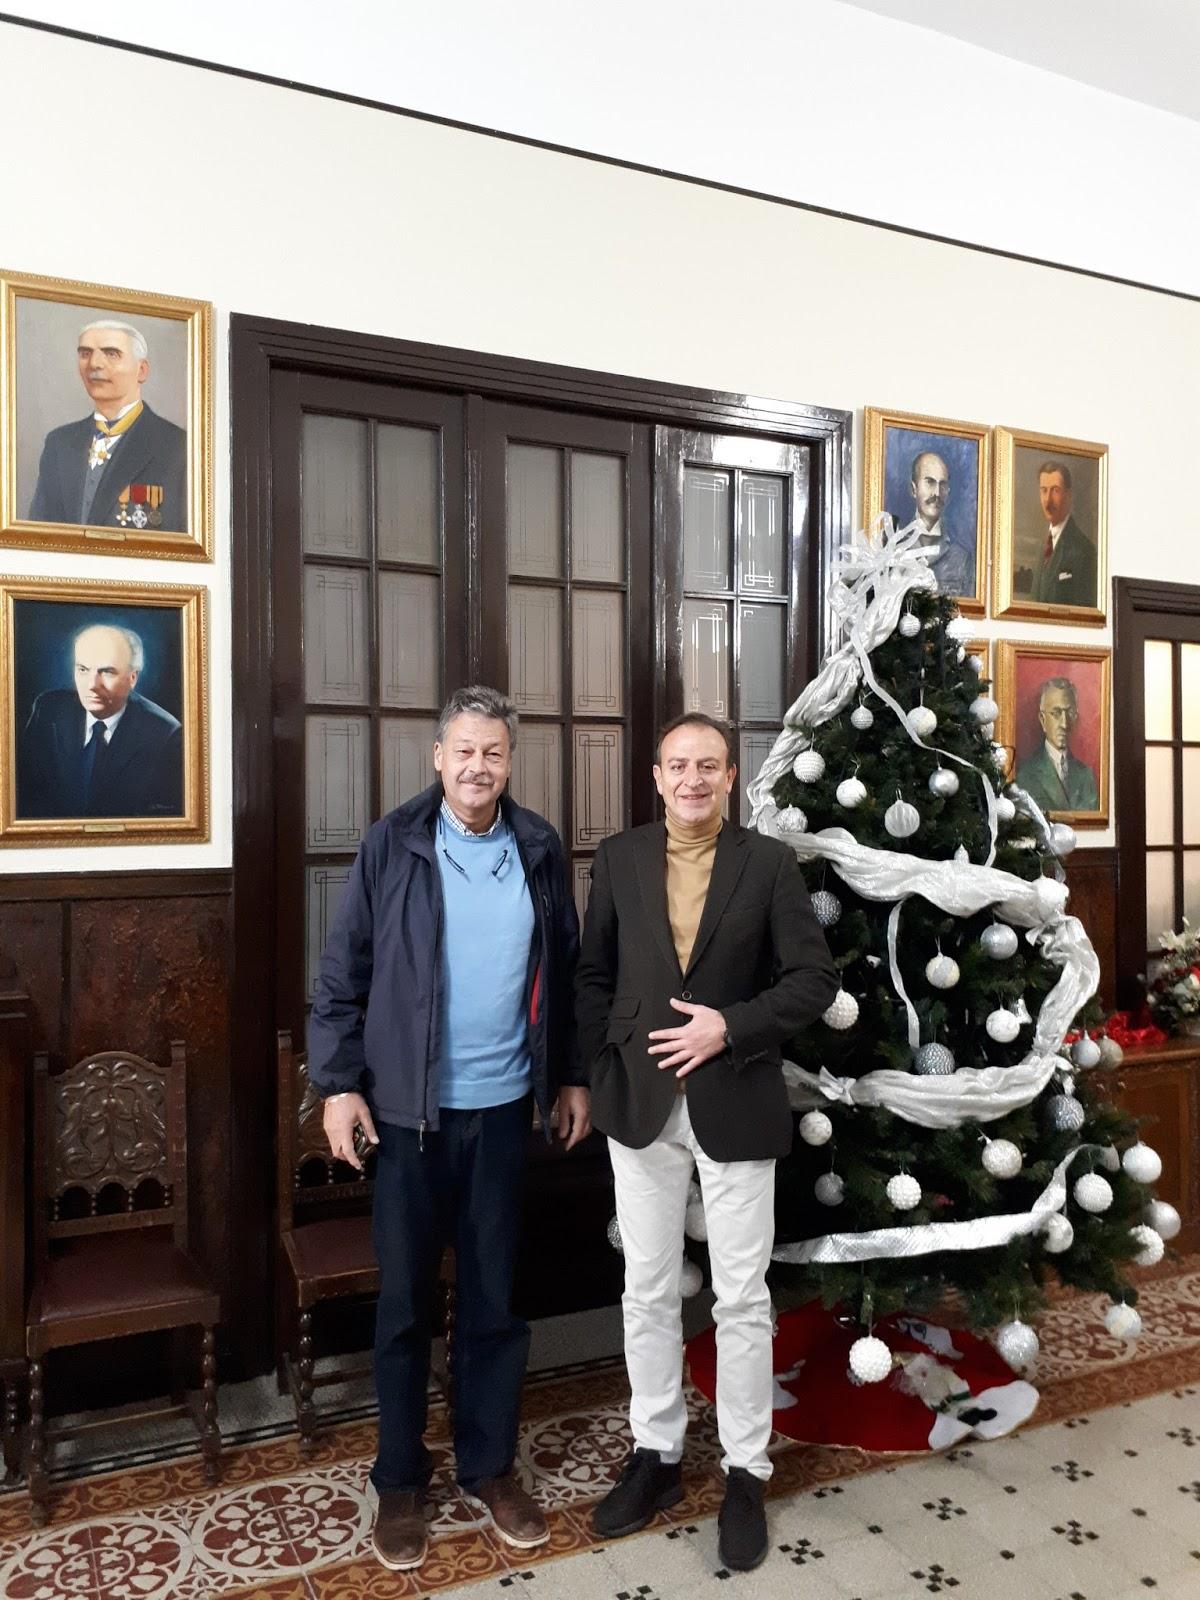 Ιωάννινα:Στο Δημαρχείο Ιωαννίνων ο Ελβετός Πρέσβης